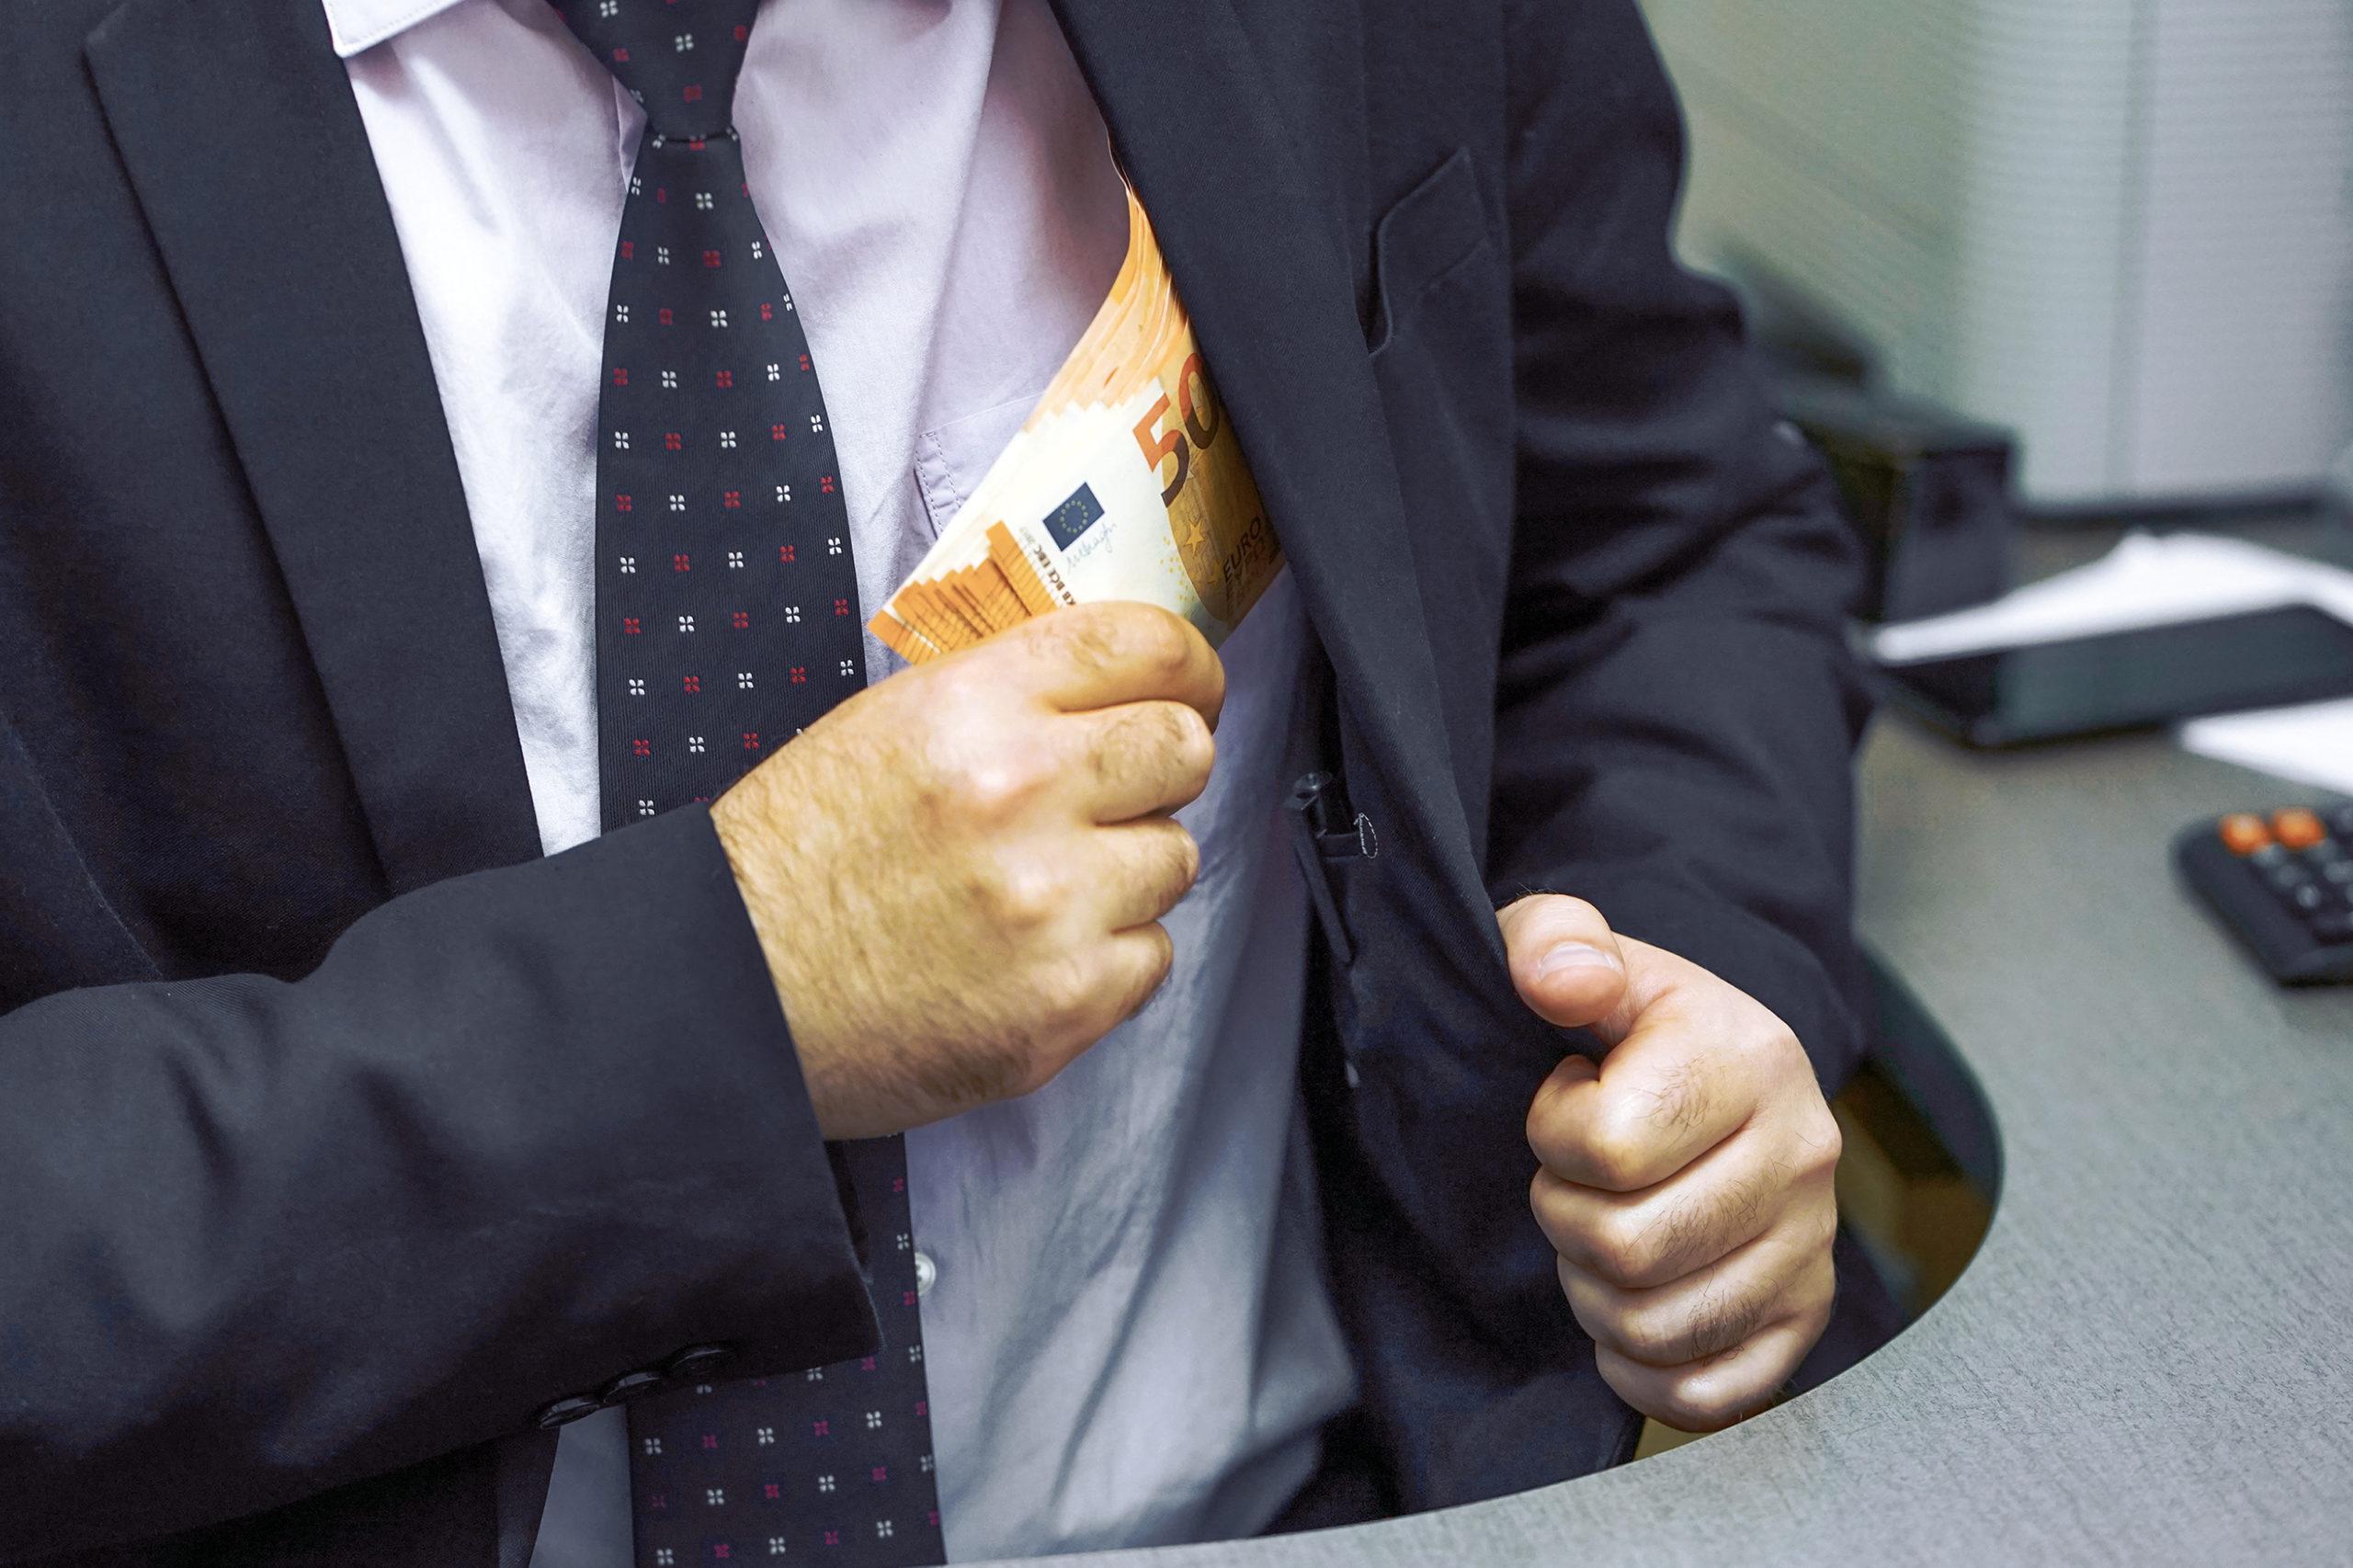 Korruption: In vielen Unternehmen und Institutionen ein Problem (Symbolfoto: shutterstock.com/lunopark)